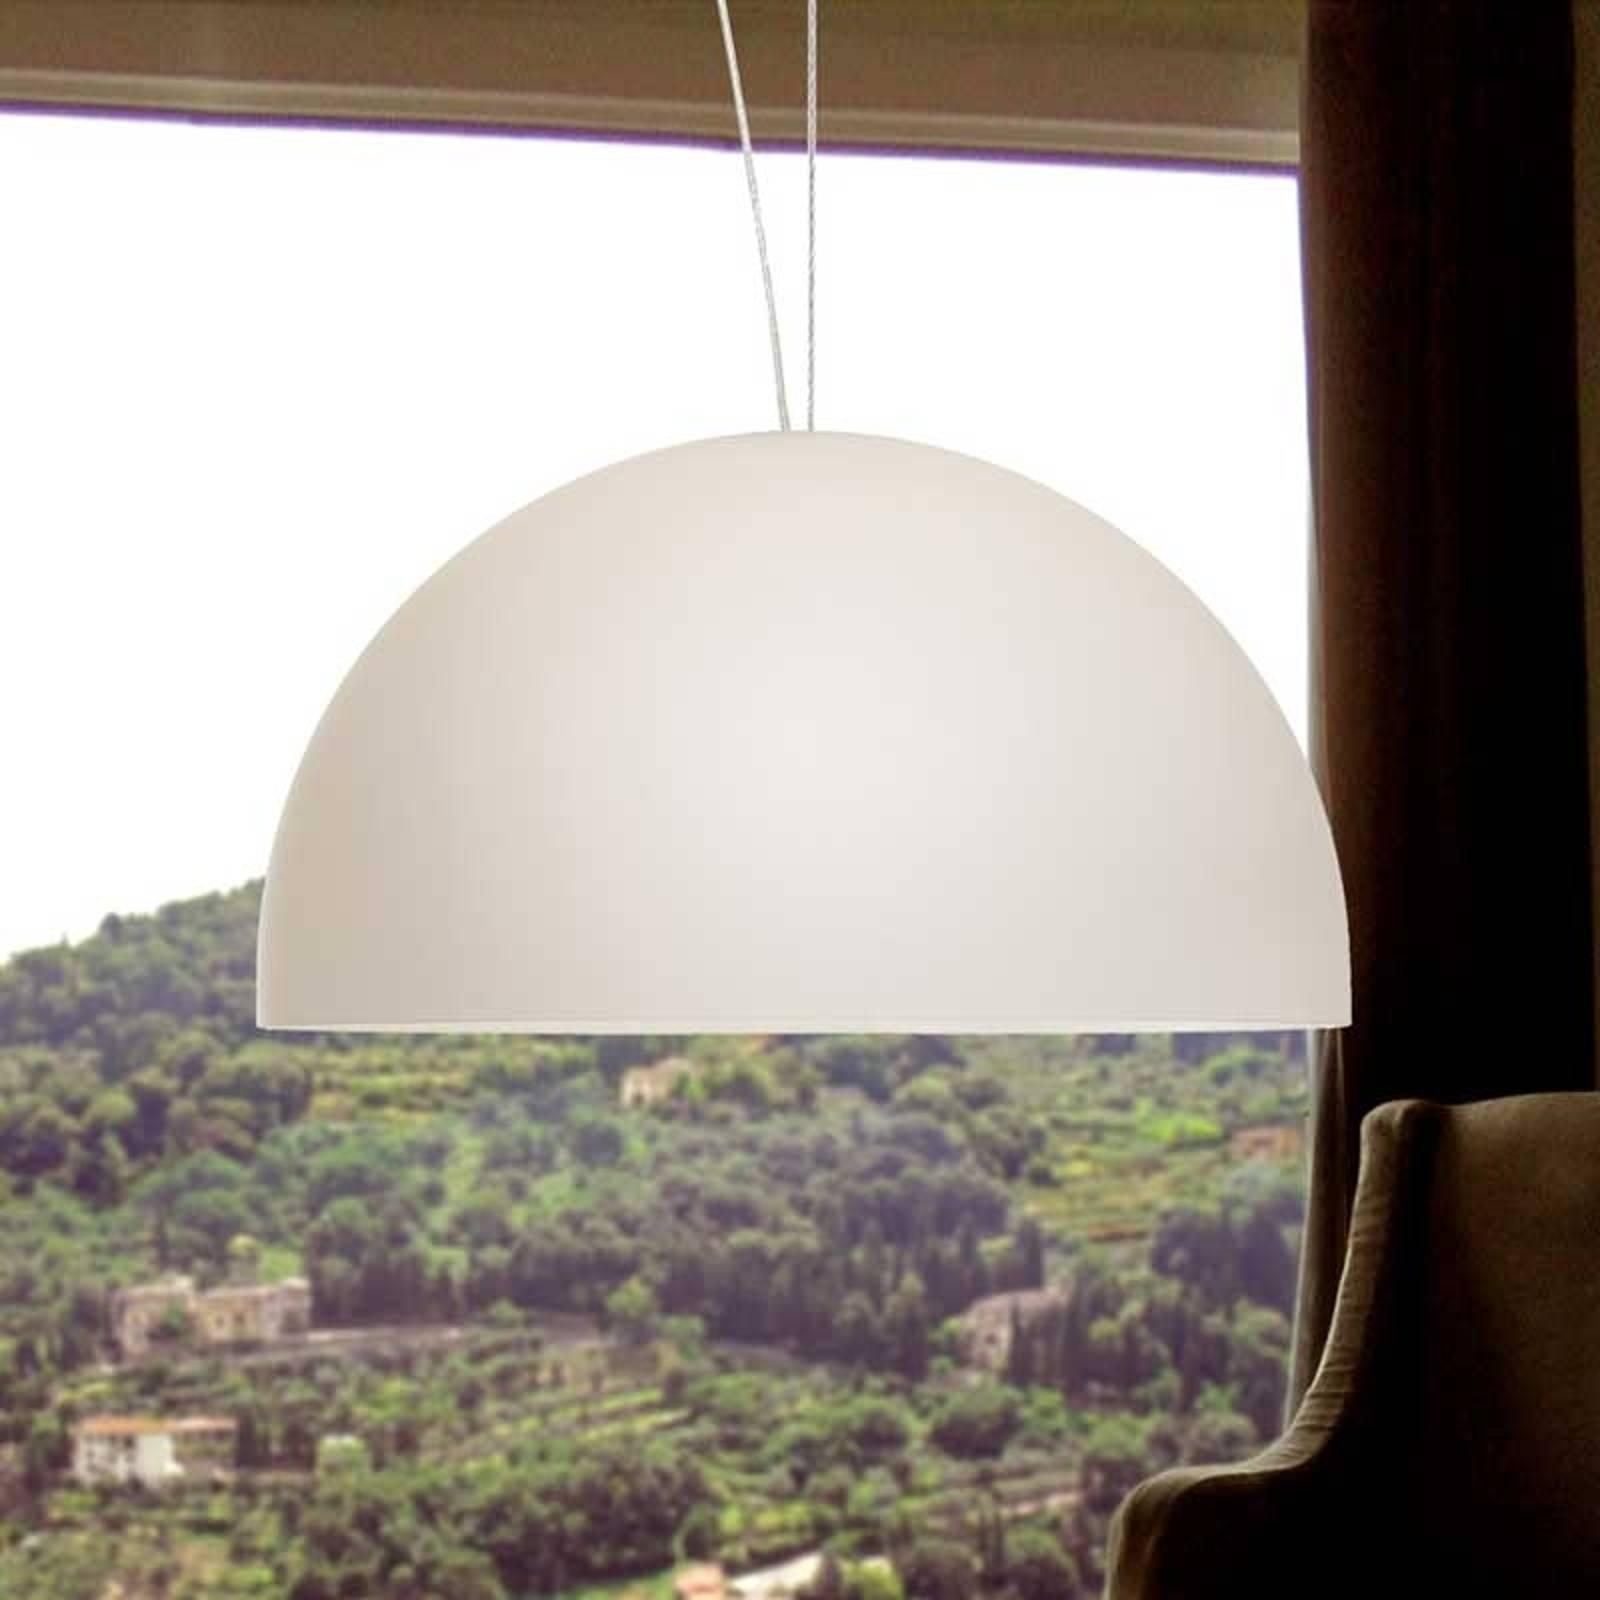 Yksilamppuinen BOWL-riippuvalaisin, 26 cm